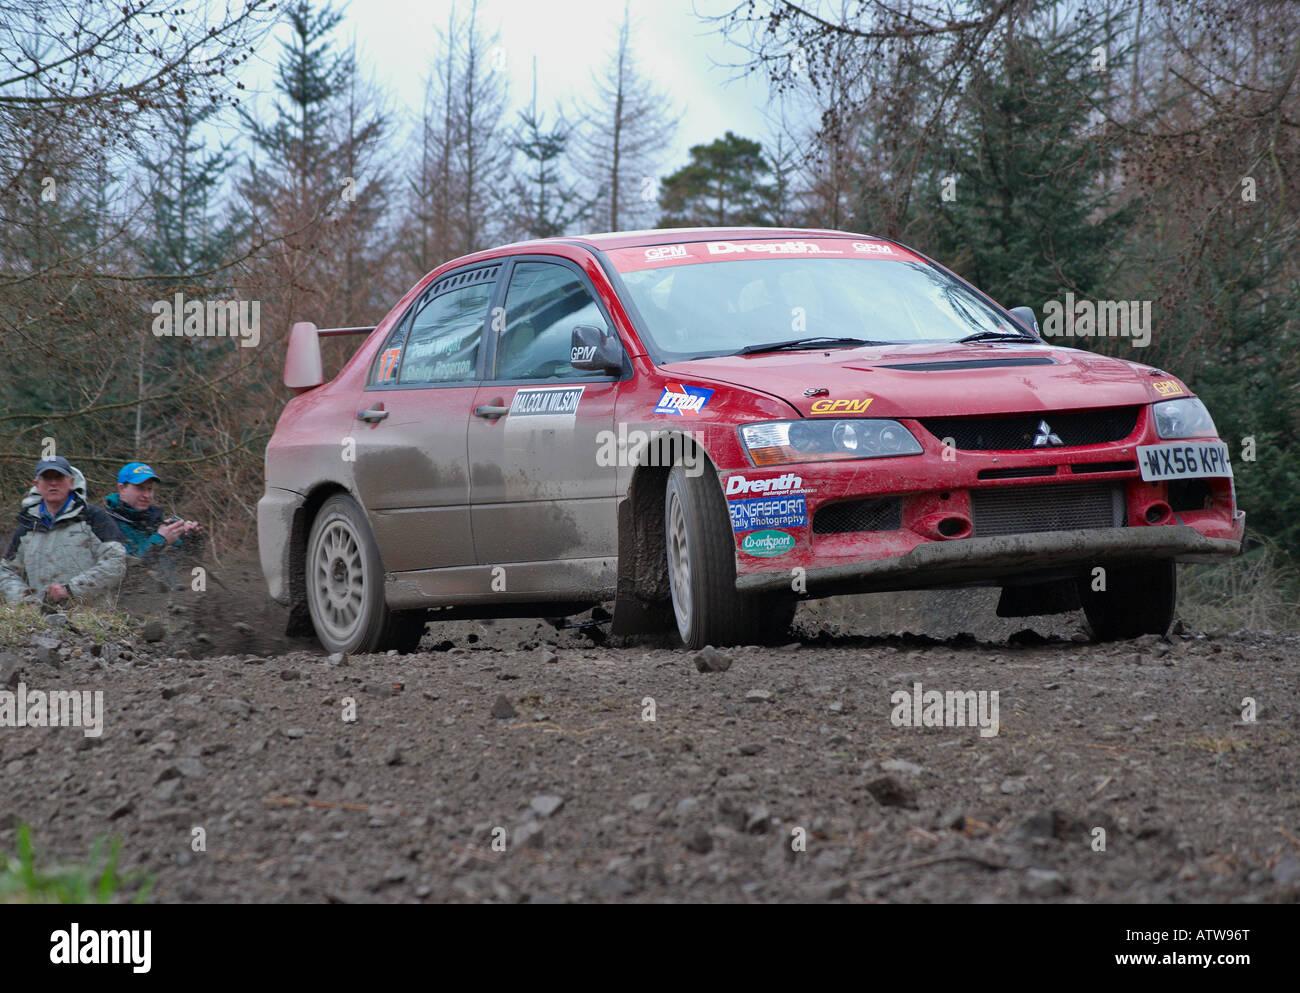 Rally Car en un bosque especial etapa de un motor sport rally Imagen De Stock